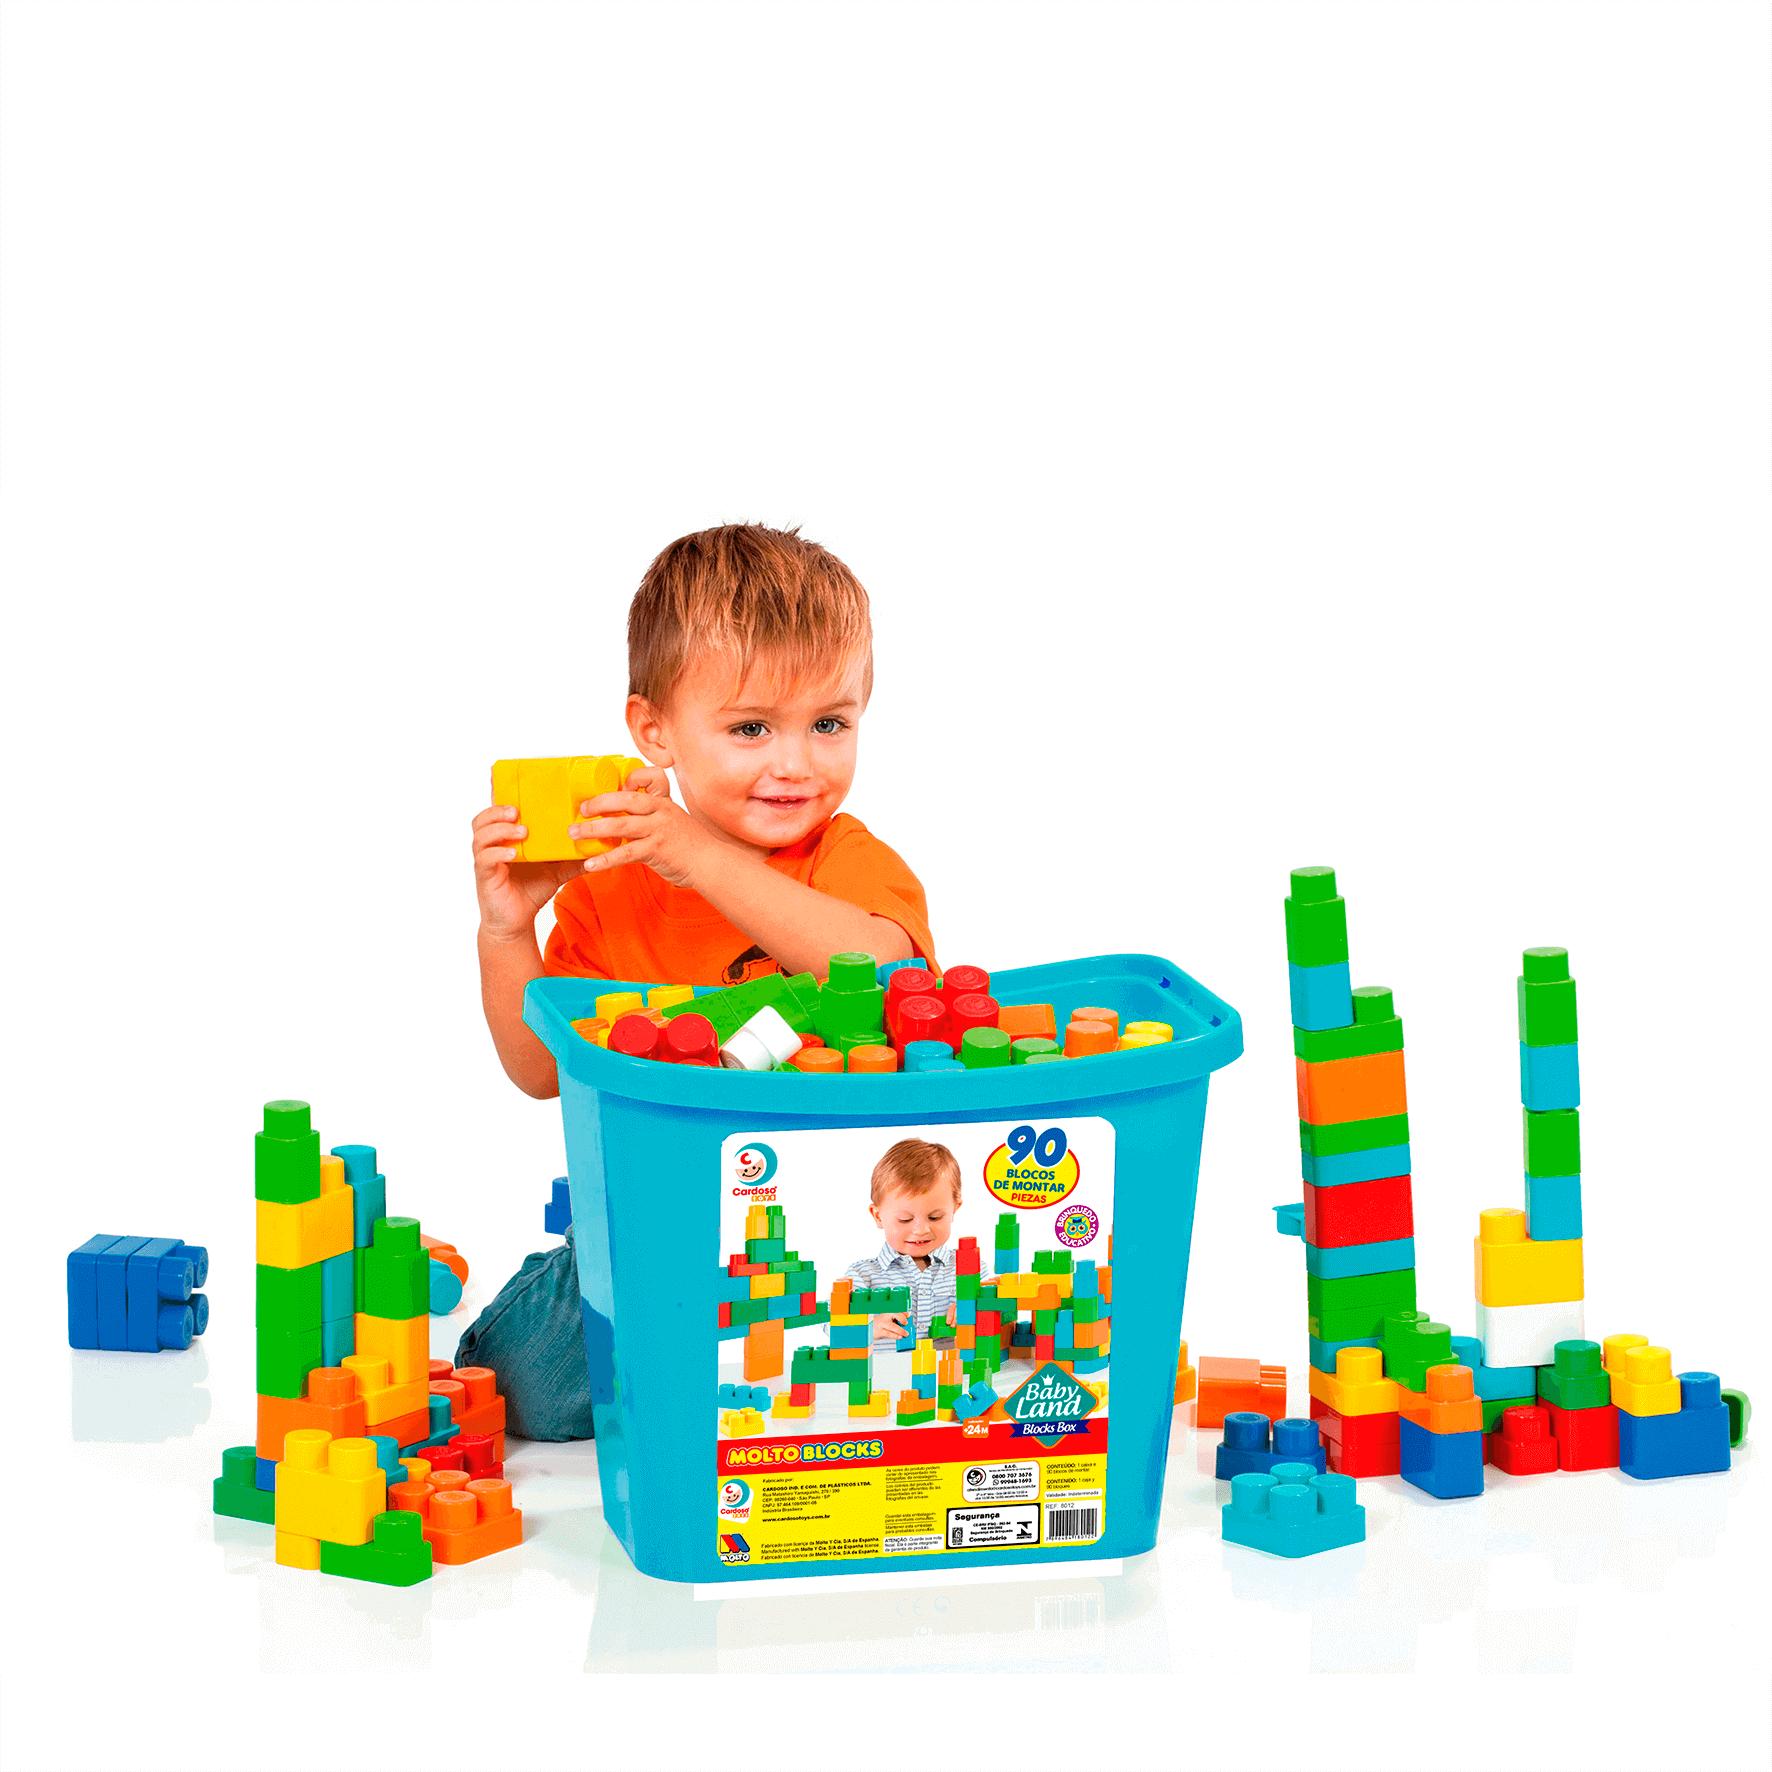 Blocos De Montar Baby Land Block Box 90 Blocos Menino 8012 Cardoso